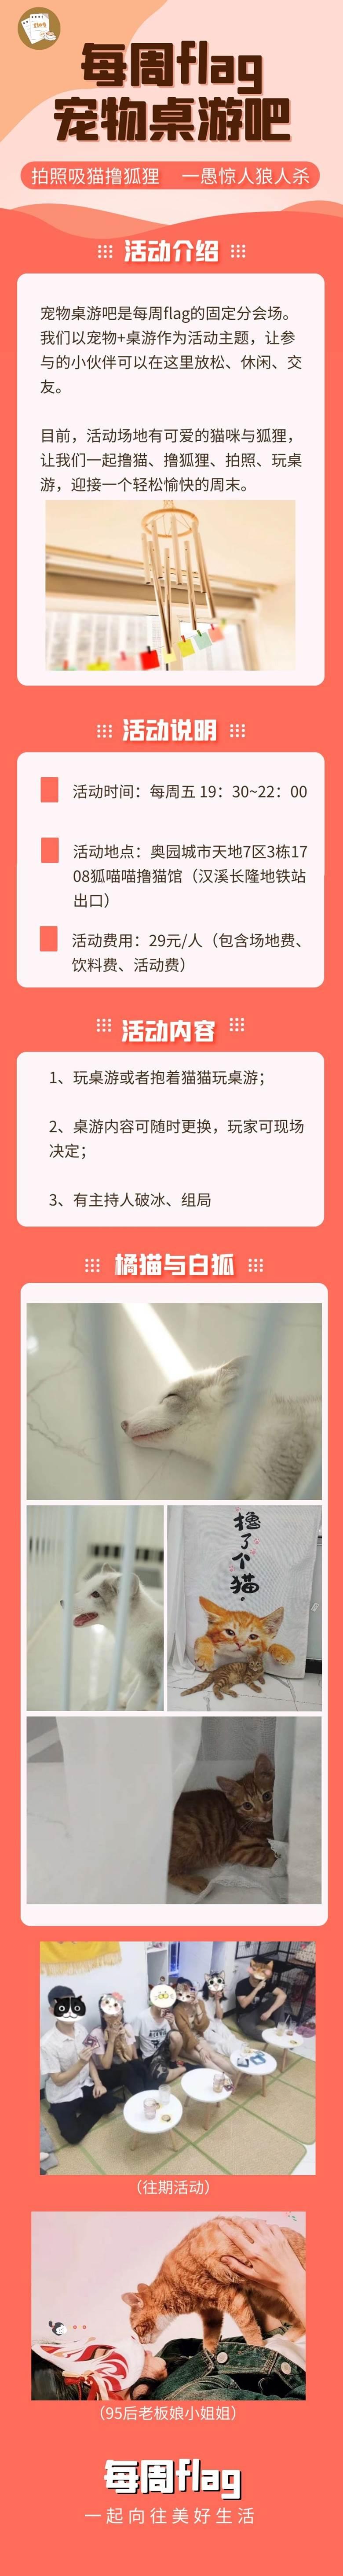 宠物桌游吧29(无二维码).jpg